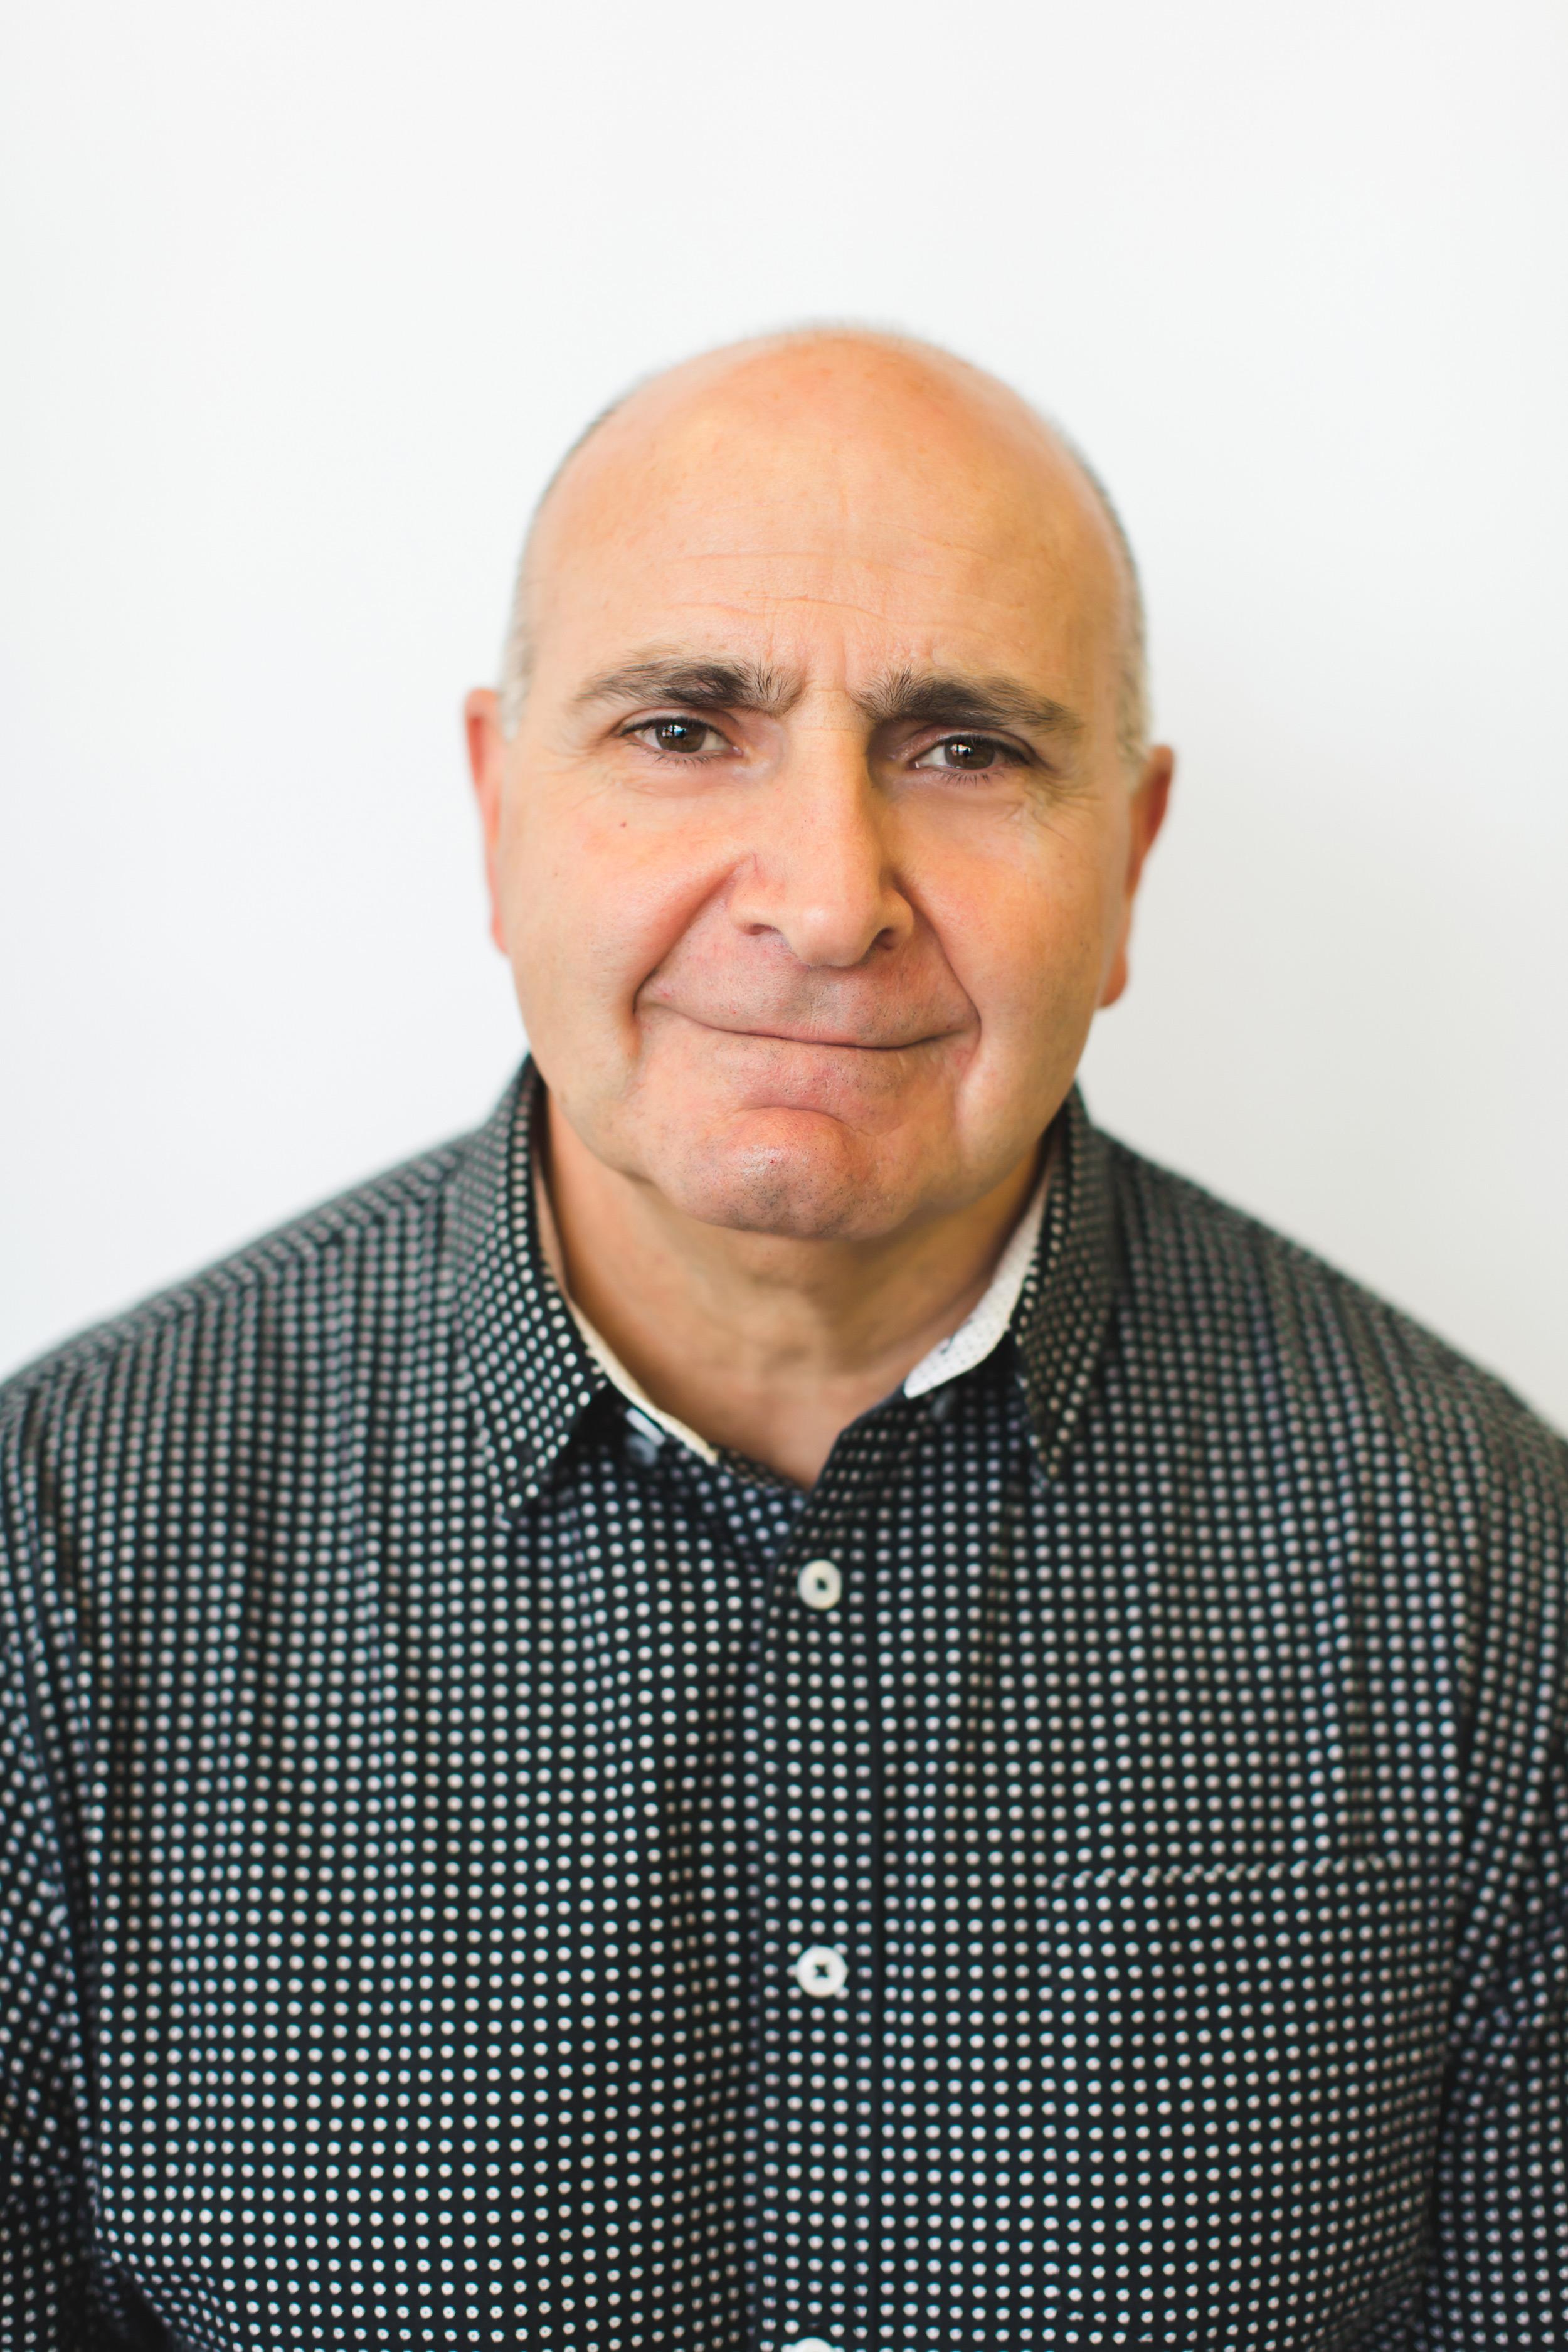 Dr. Bruno Coccimiglio